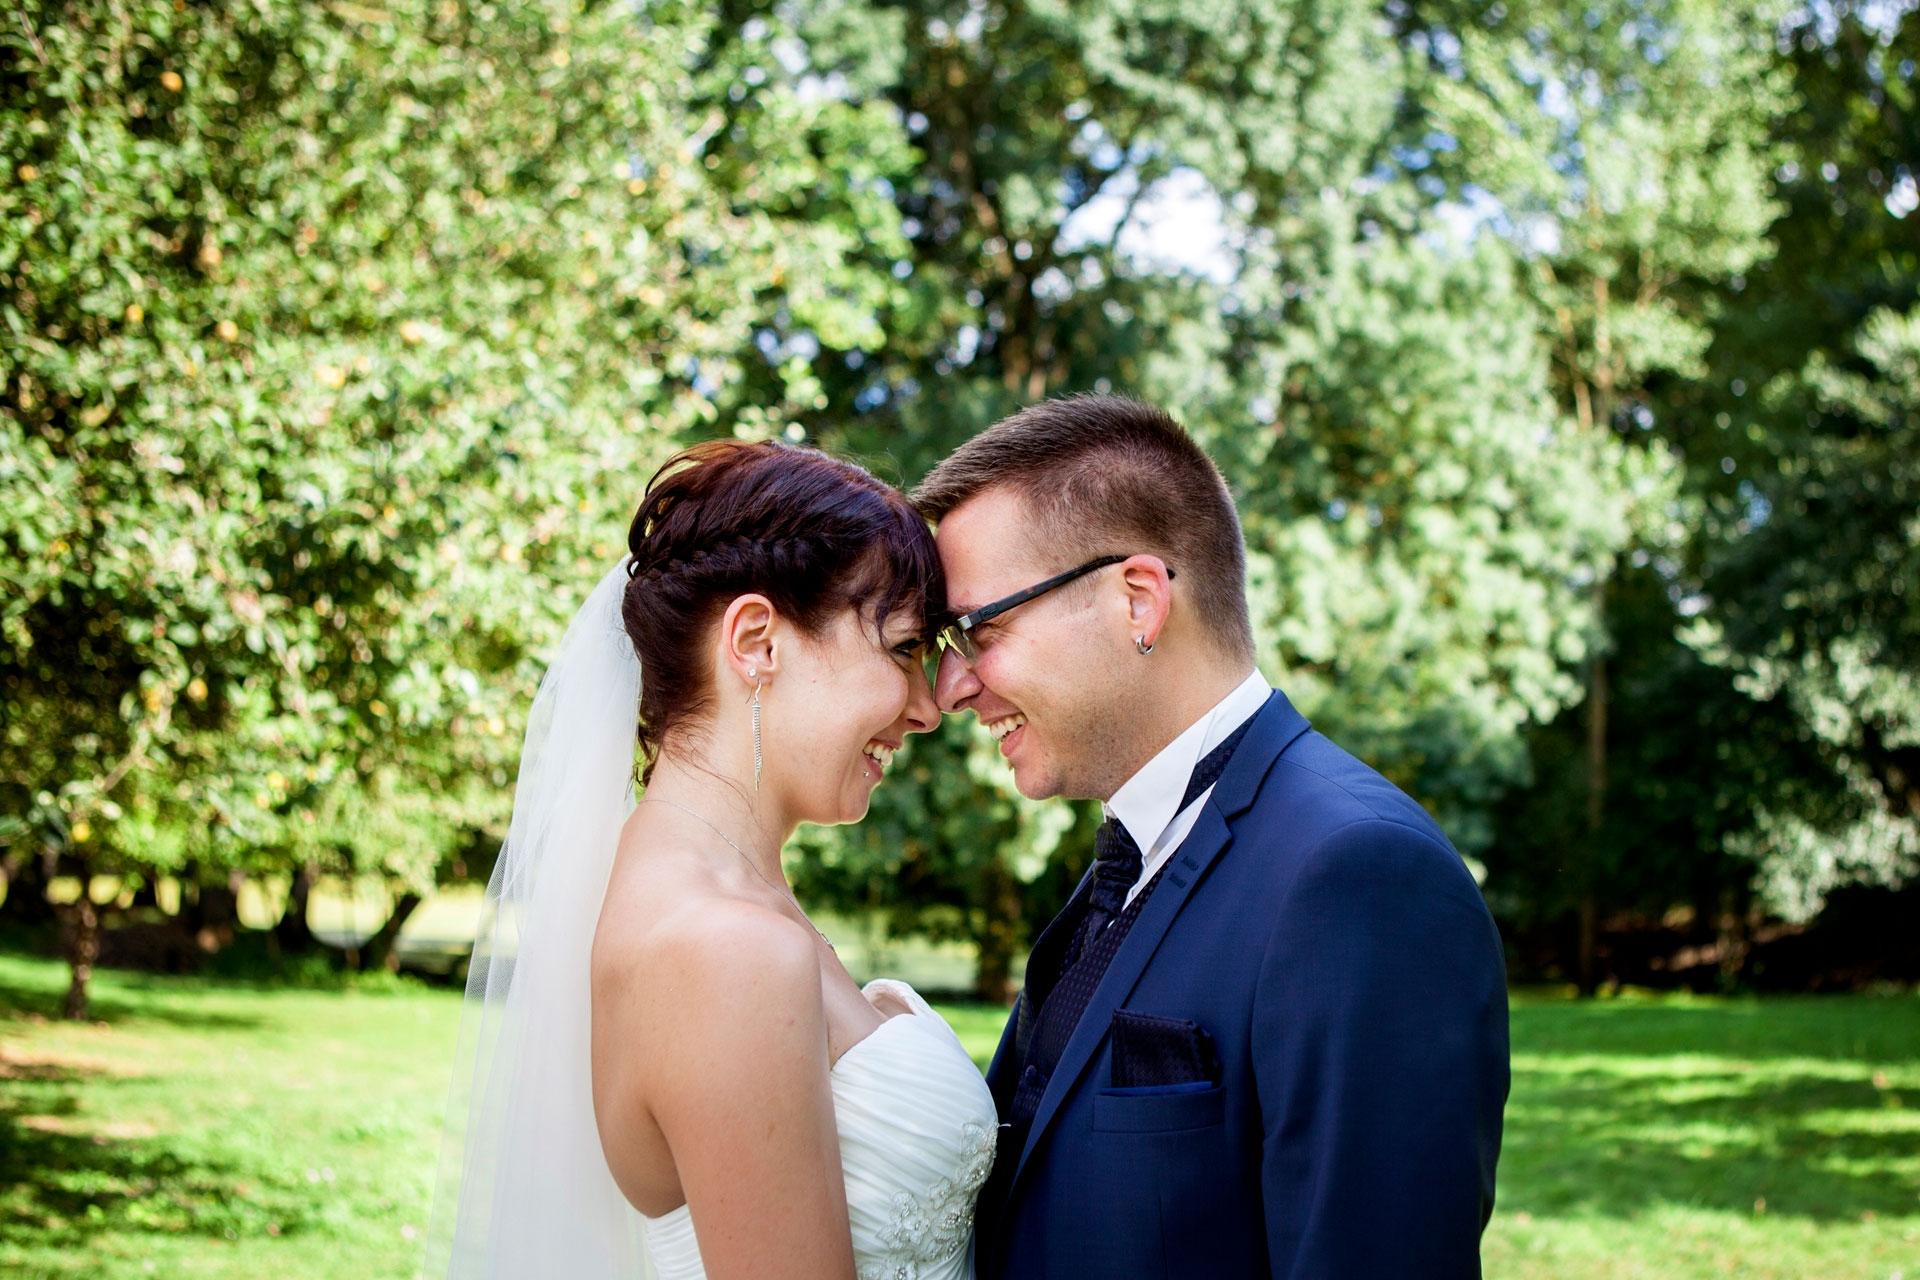 mariage-aurelie-geoffrey-20